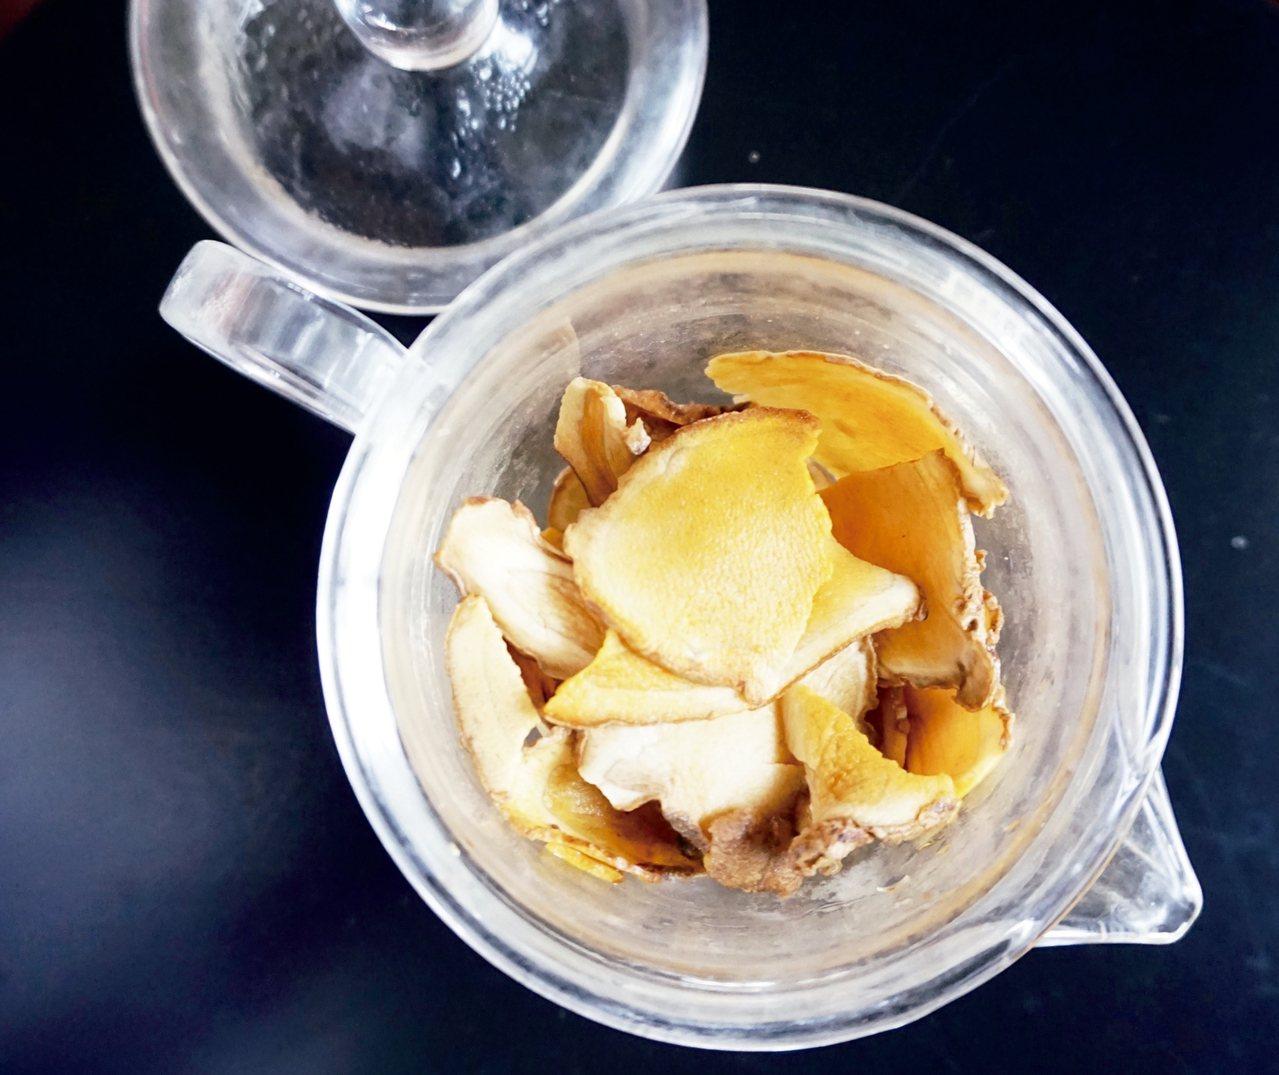 薑黃是天然的強力抗氧化劑,會溶解塑化劑,所以不能用塑膠袋包裝。 朱慧芳